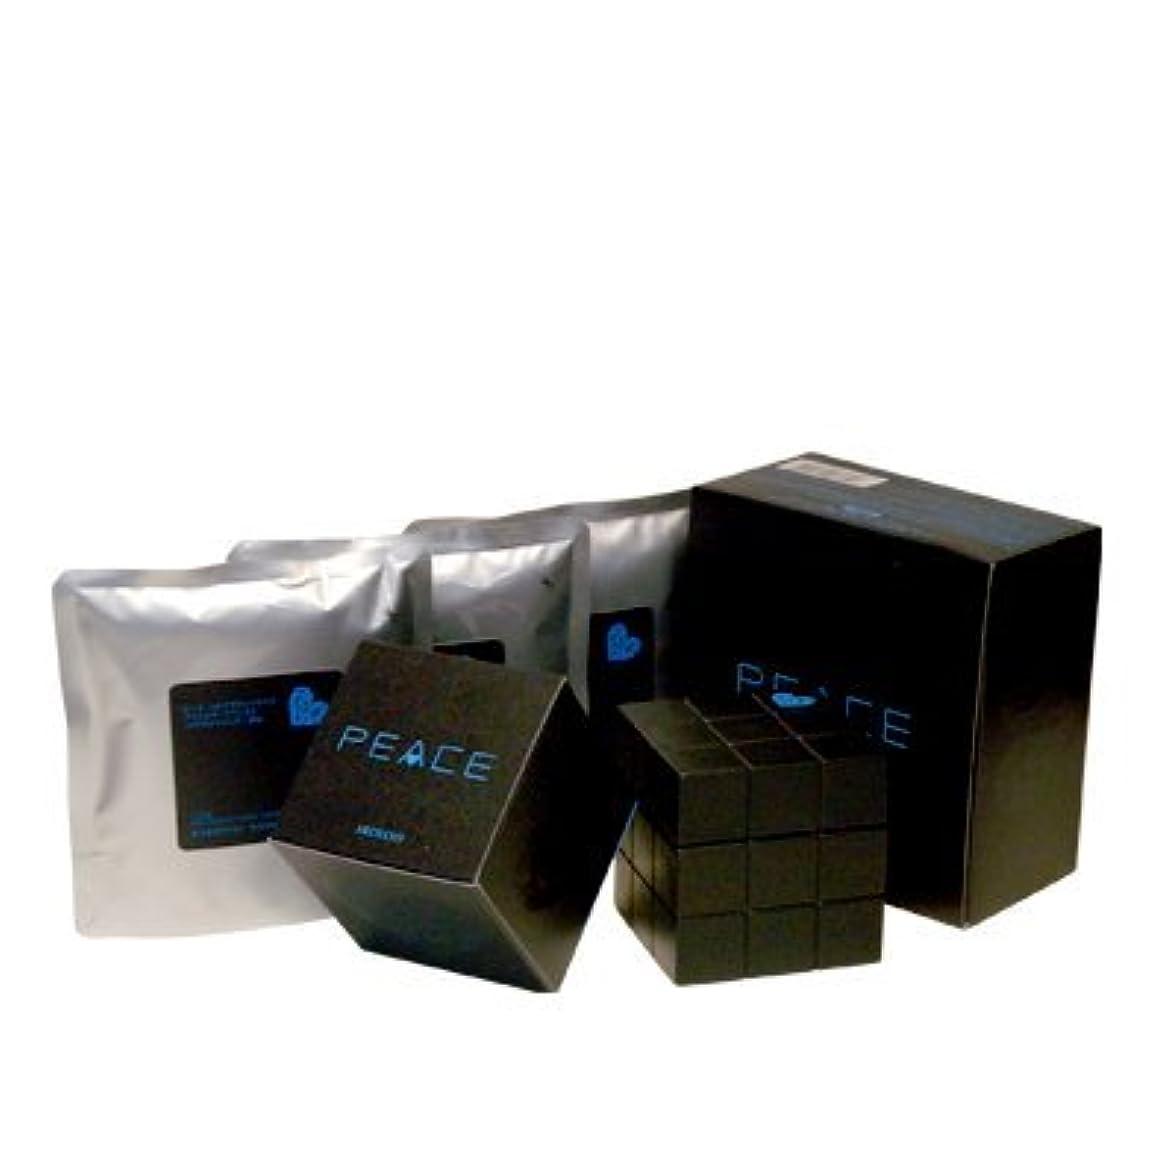 サイレン強盗割り込みアリミノ ピース プロデザインシリーズ フリーズキープワックス ブラック80g+詰め替え80g×3